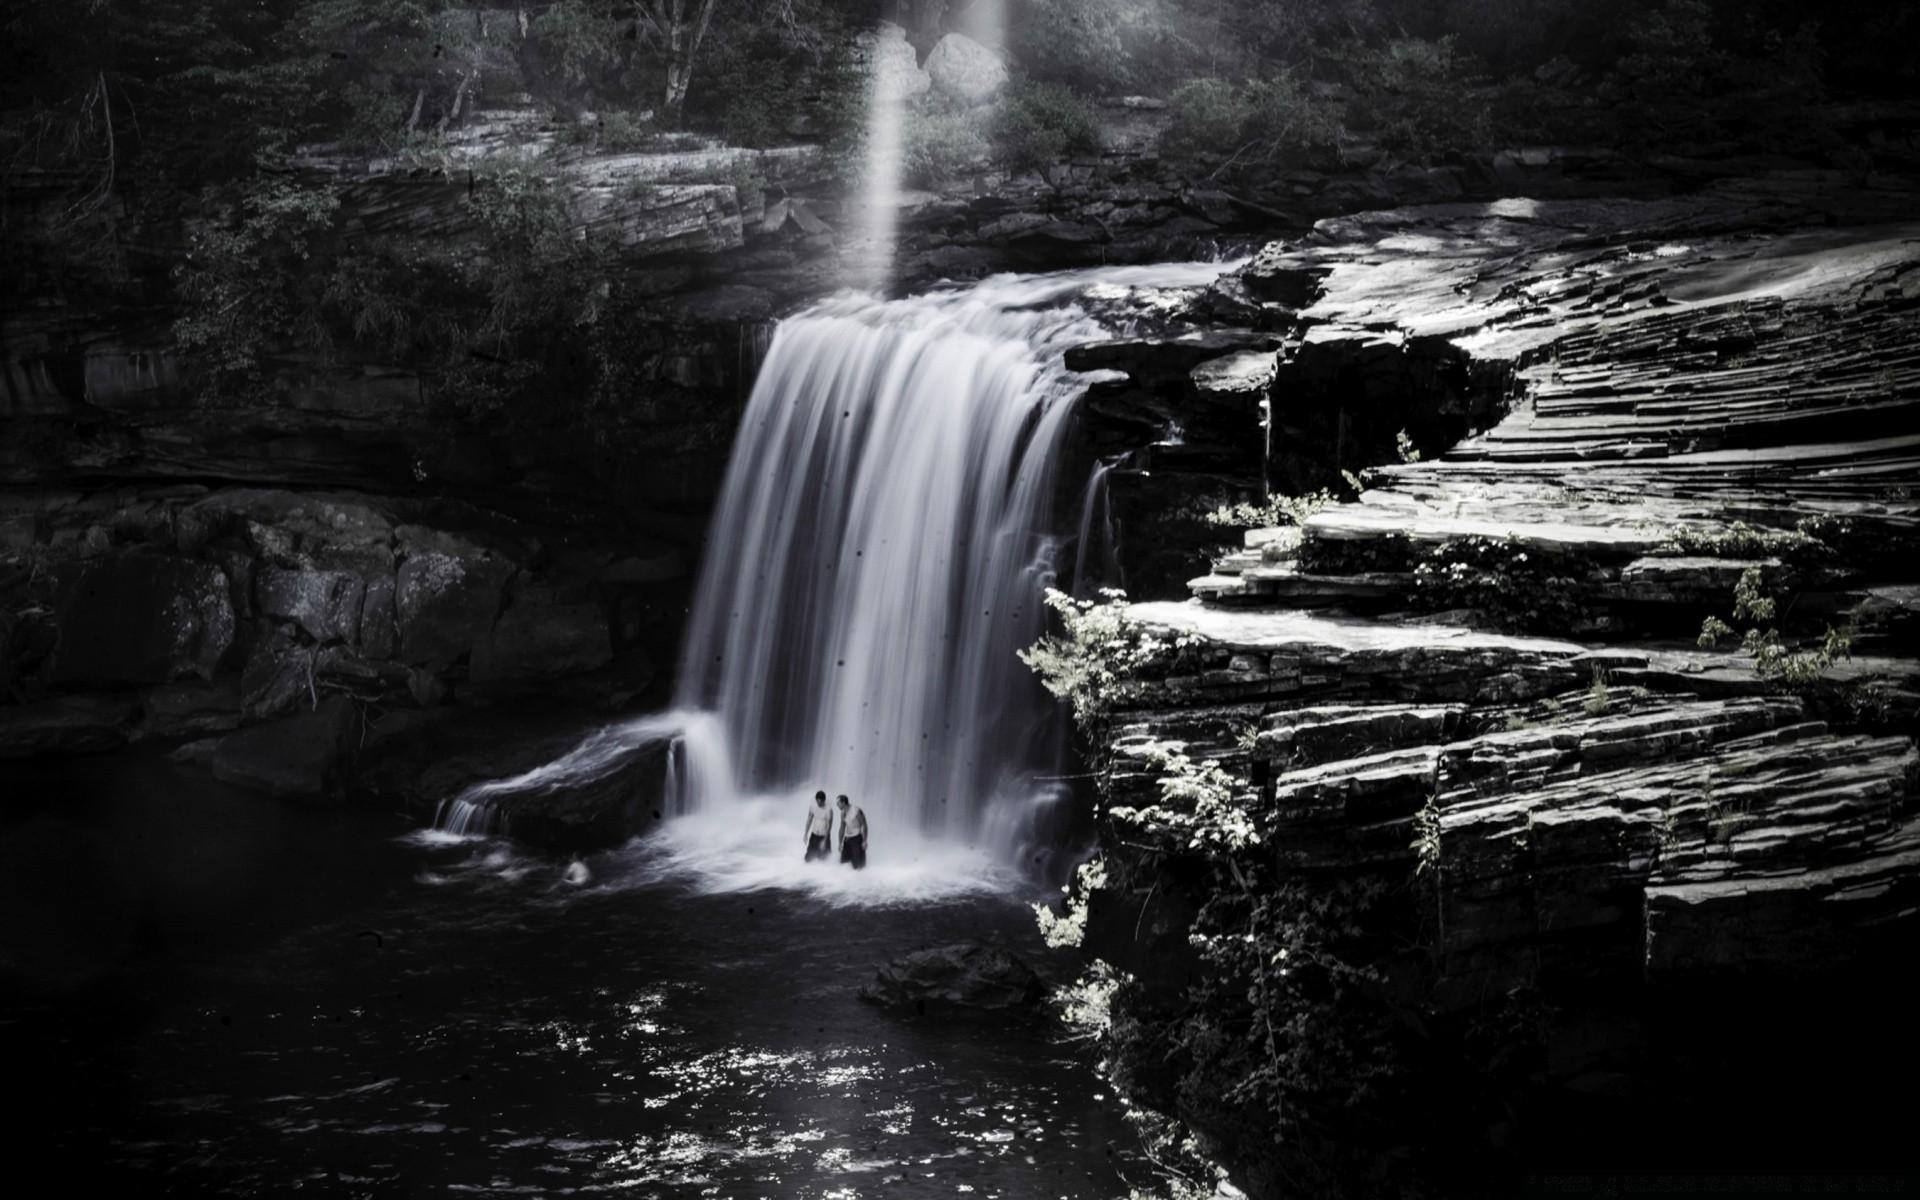 Обои на телефон с водопадом на айфон